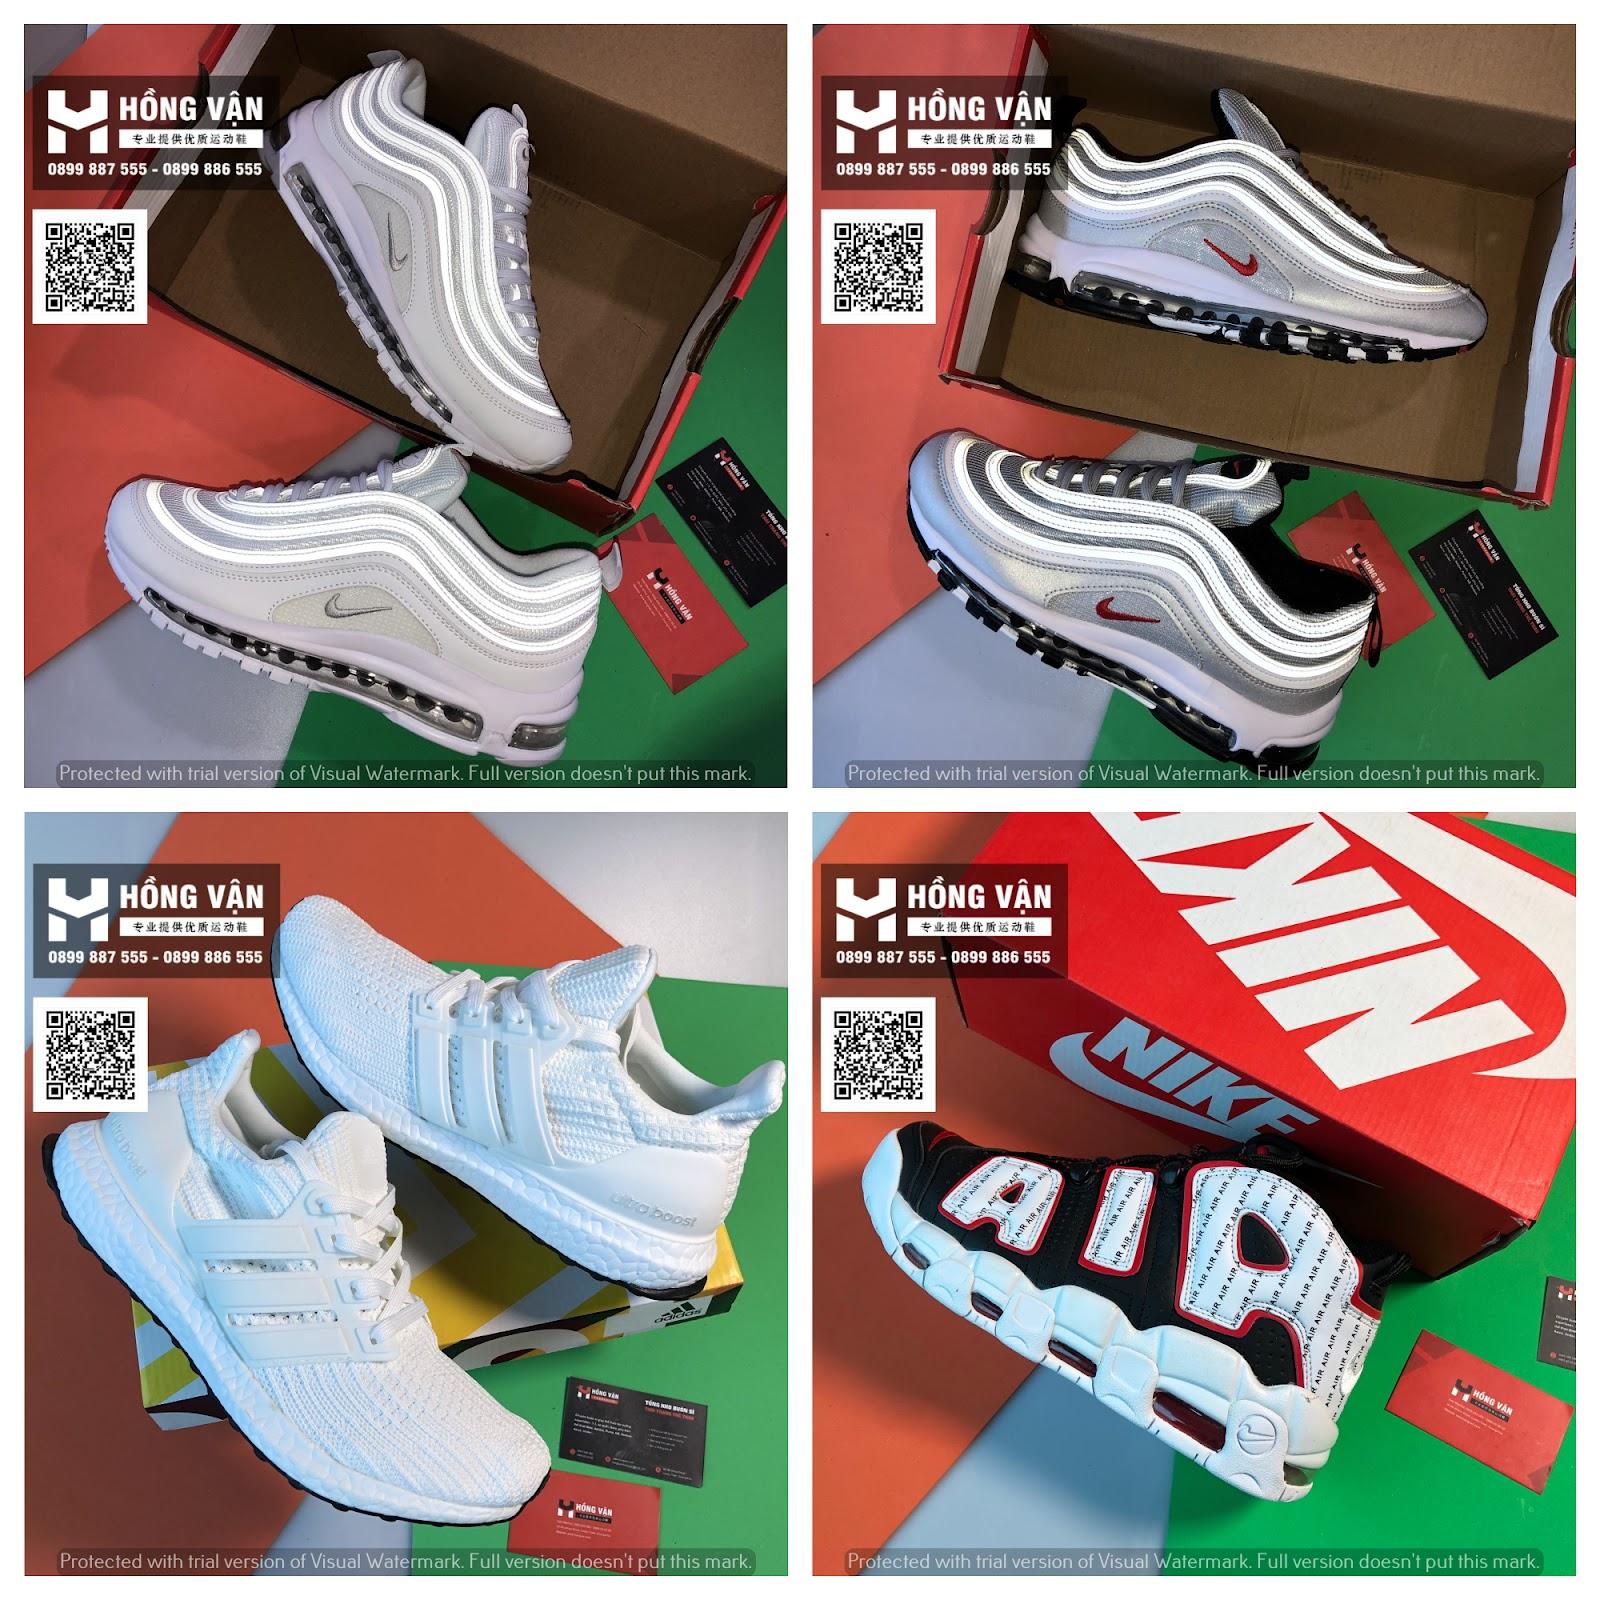 Hồng Vận - Tổng buôn sỉ giày thể thao chất lượng , uy tín ( hình thật - 9